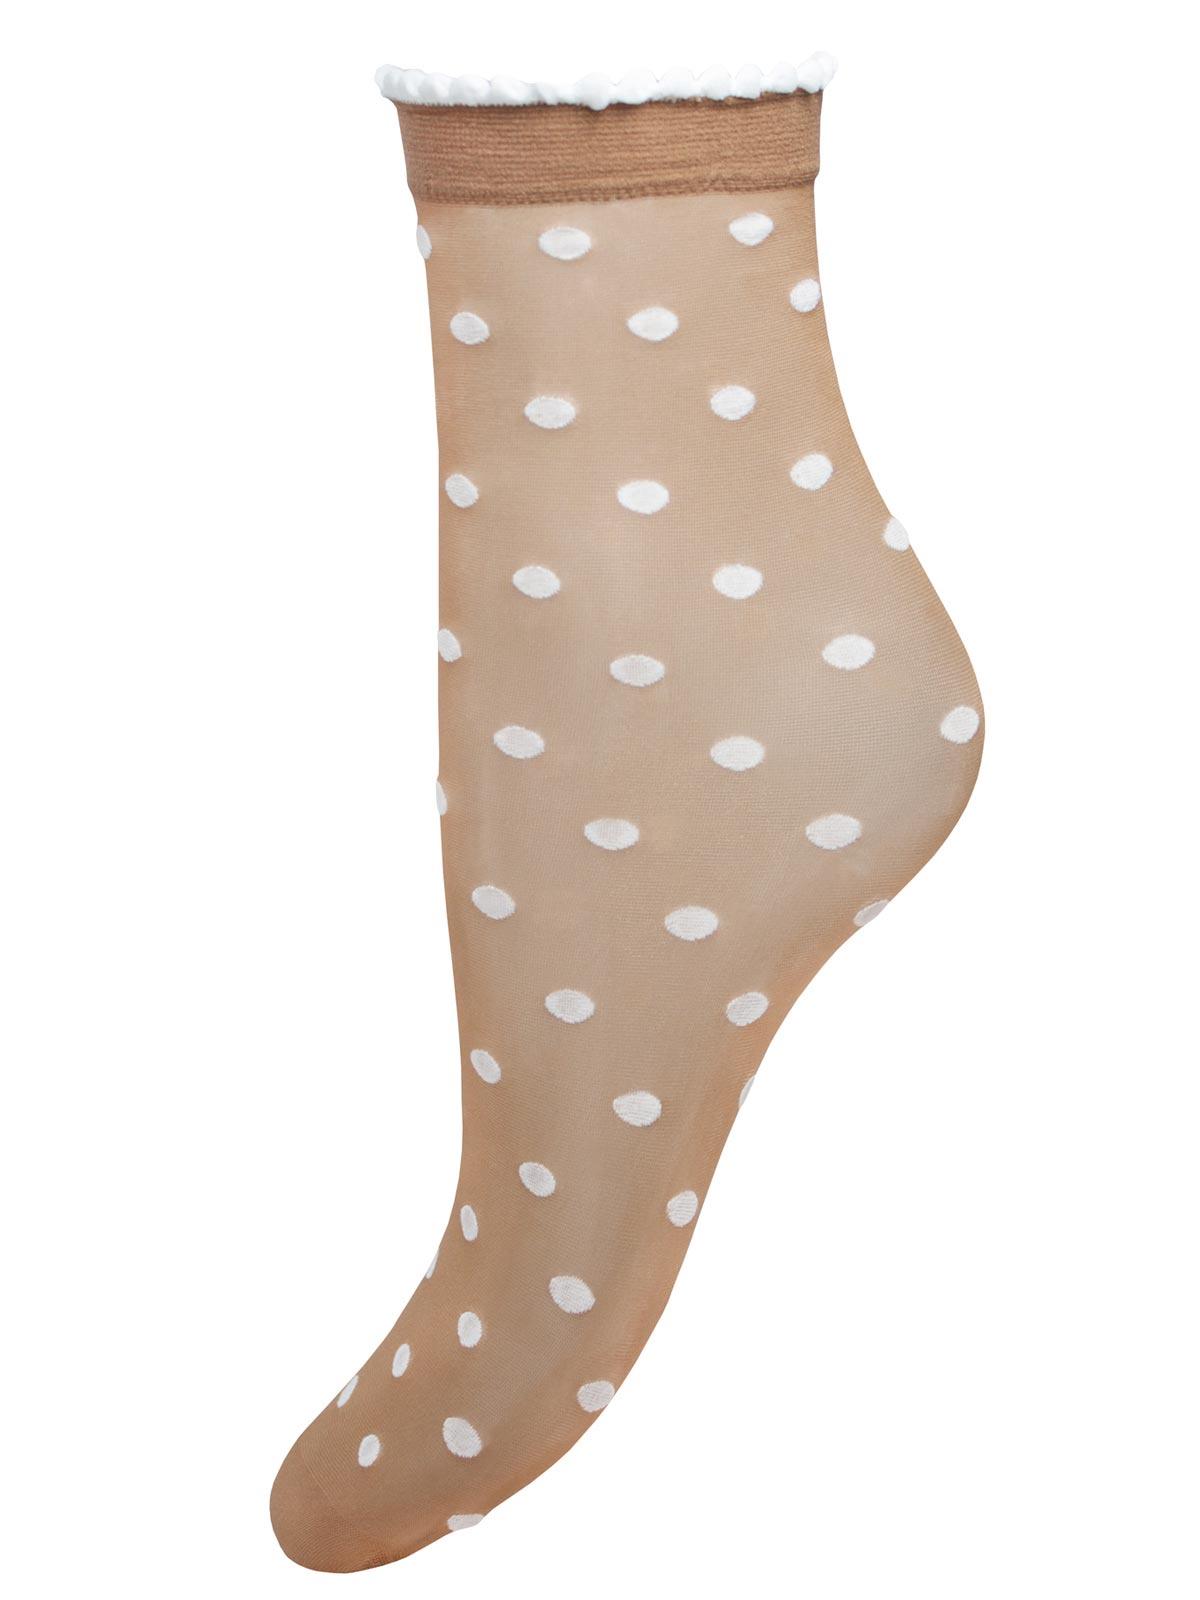 Носки Trasparenze носки в горошек мужские купить